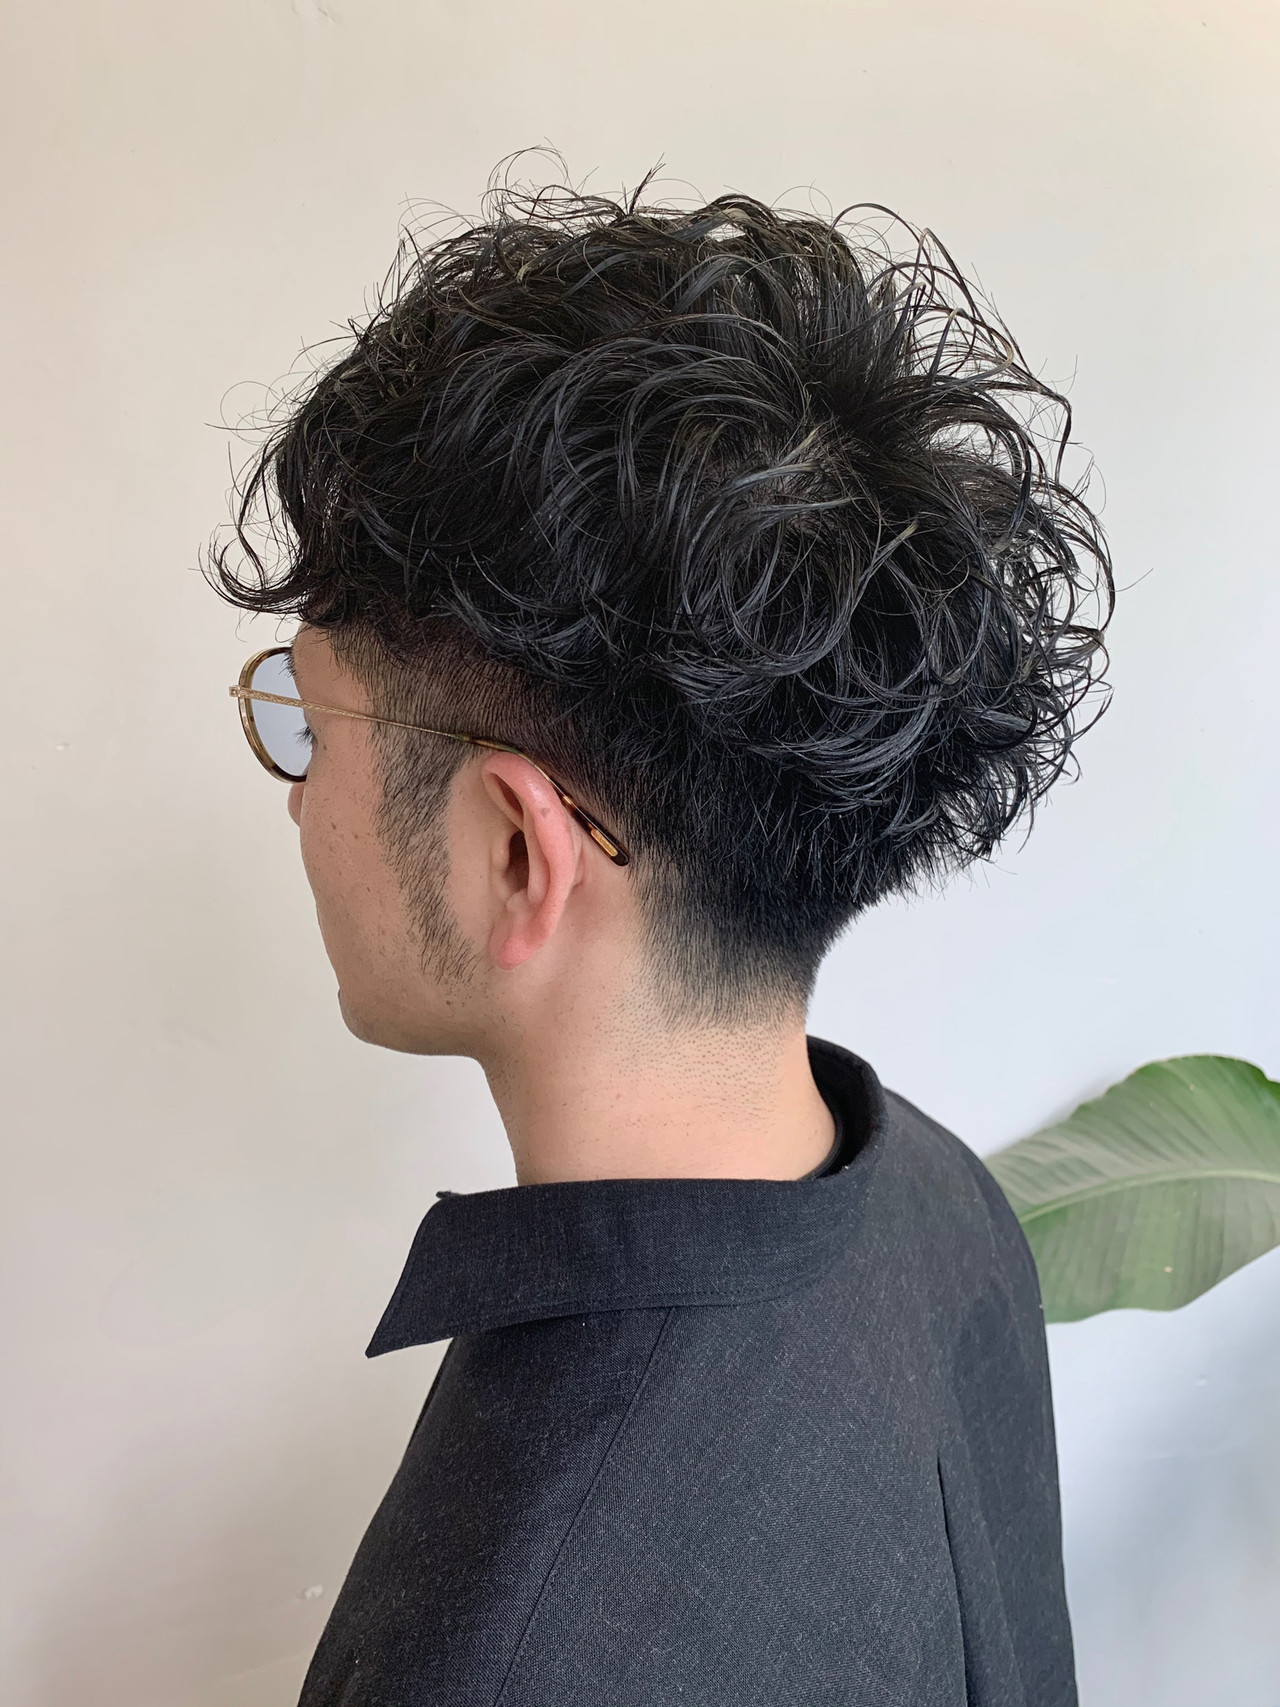 メンズショート ナチュラル メンズパーマ スパイラルパーマ ヘアスタイルや髪型の写真・画像